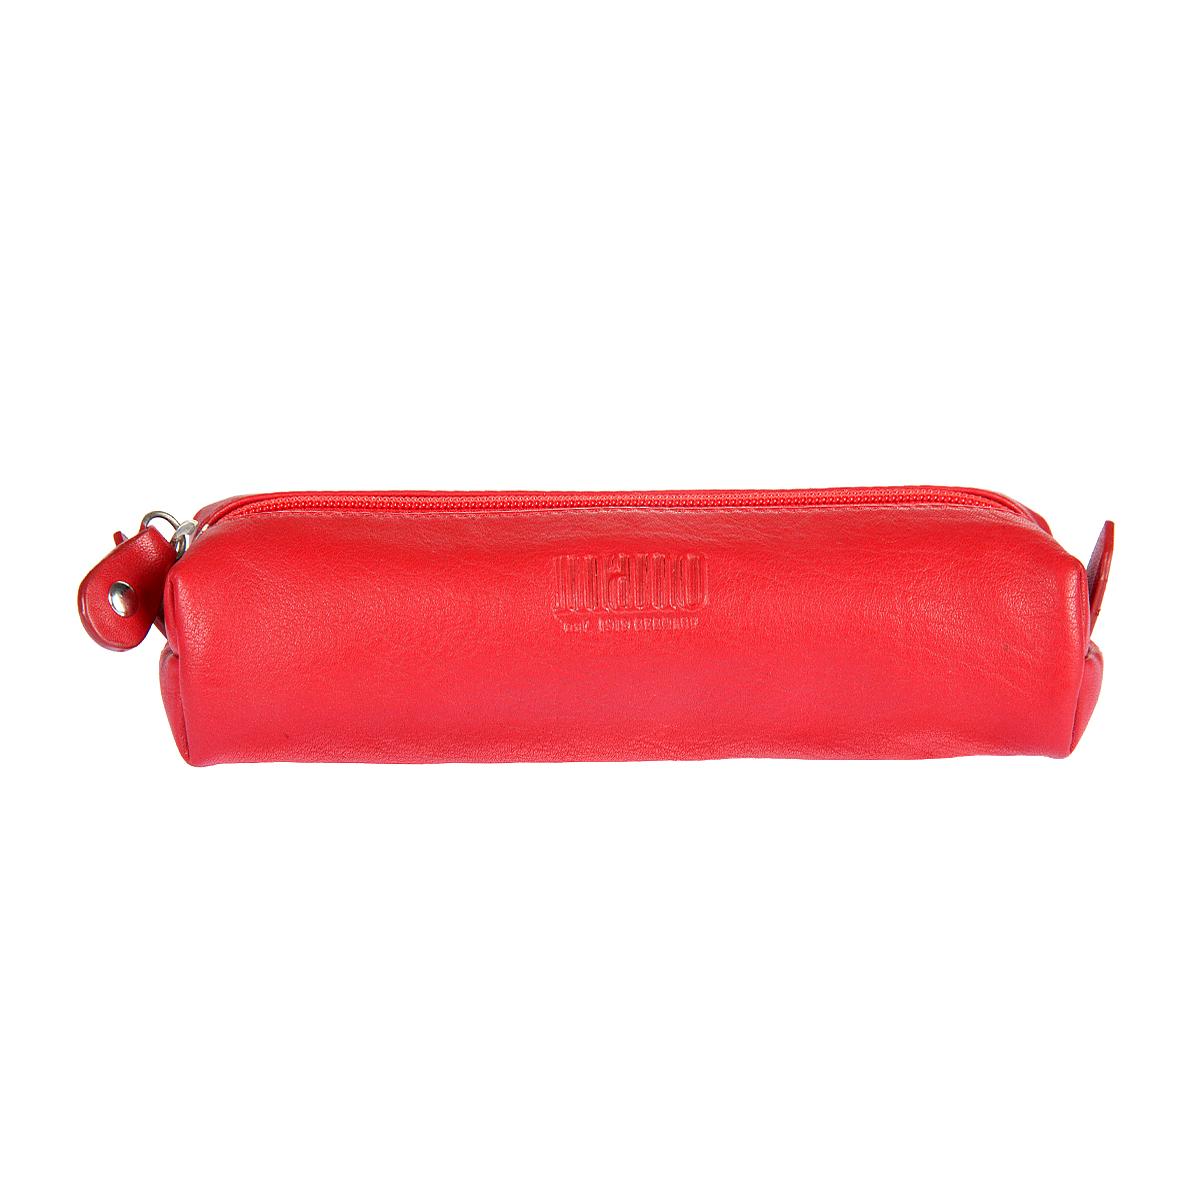 Ключница женская Mano, цвет: красный. 20110 RU red20110 RU redЗакрывается на молнию внутри одел, в котором два кольца для ключей